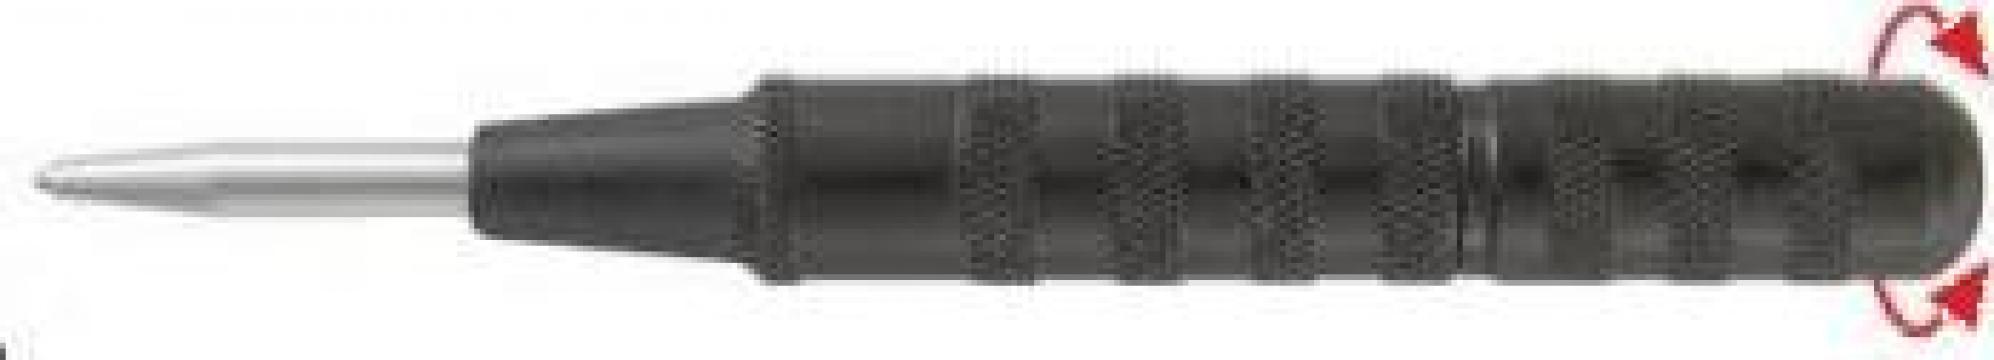 Trasor autopercutant 0283-100 de la Nascom Invest